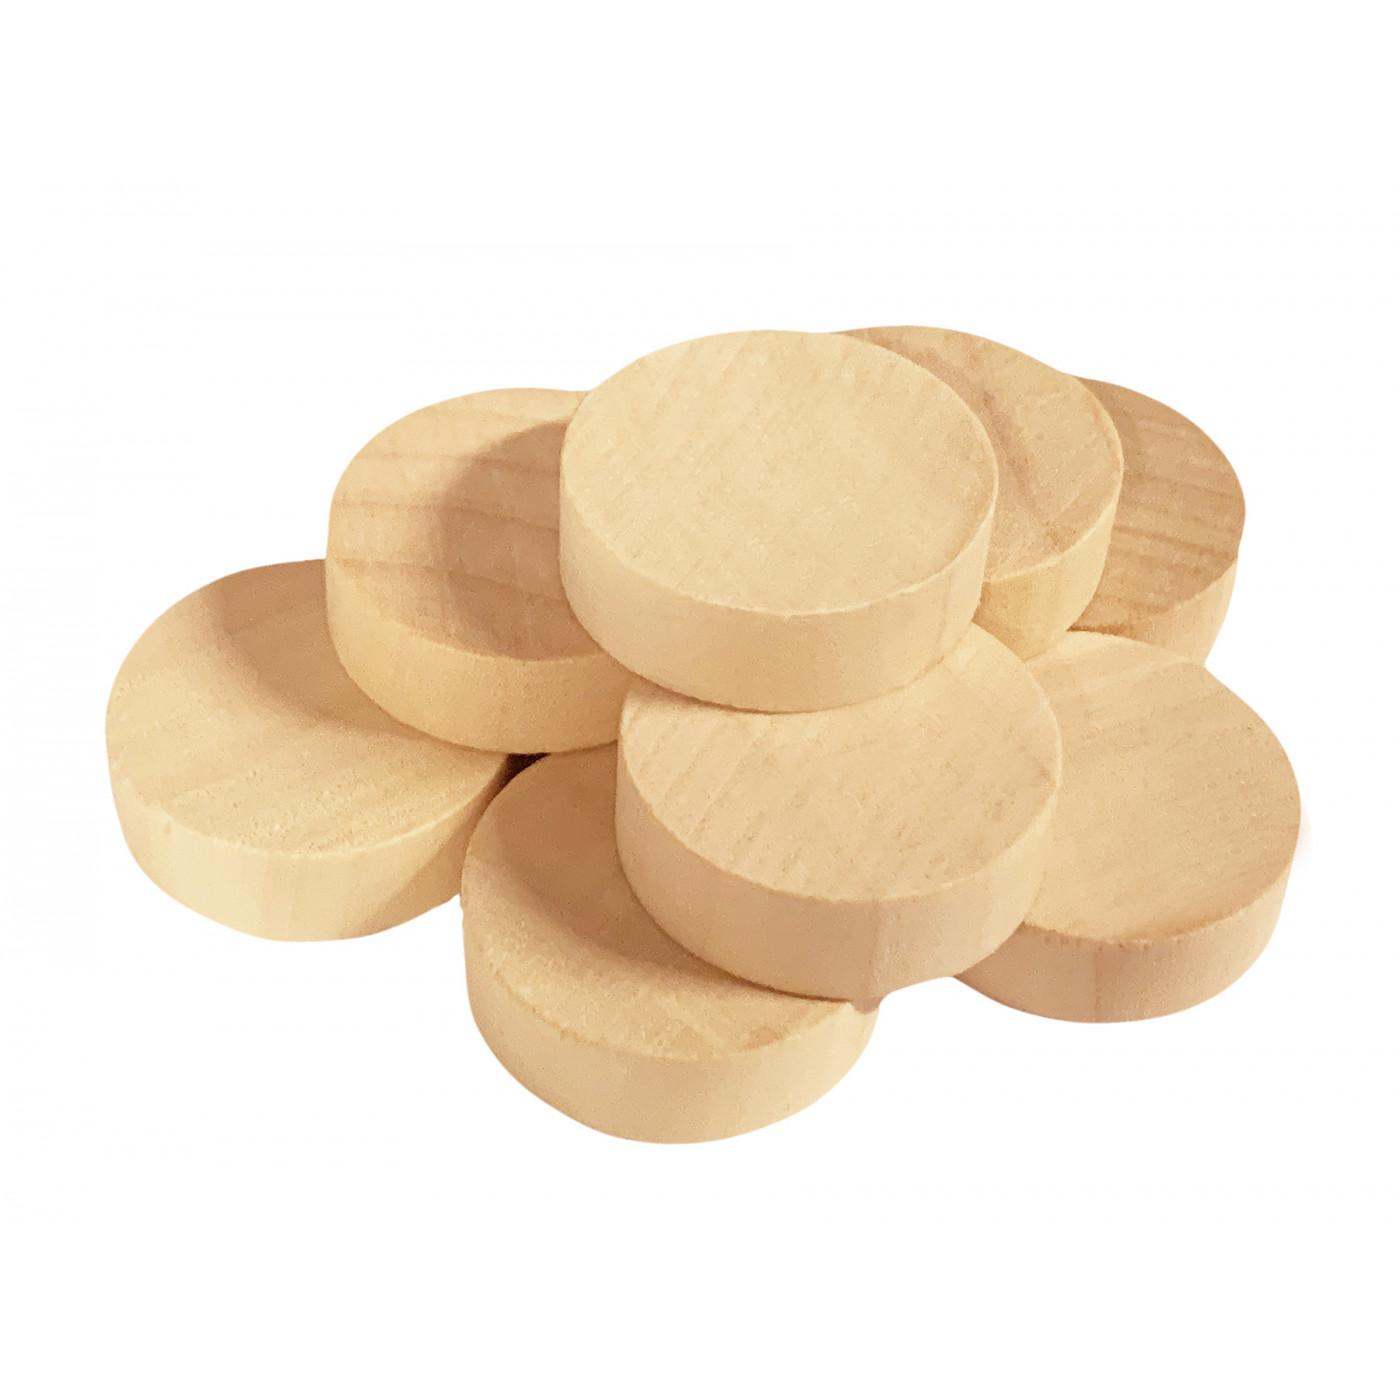 Set von 100 Holzscheiben (Durchmesser: 2,5 cm, Dicke: 8 mm, Buche)  - 1